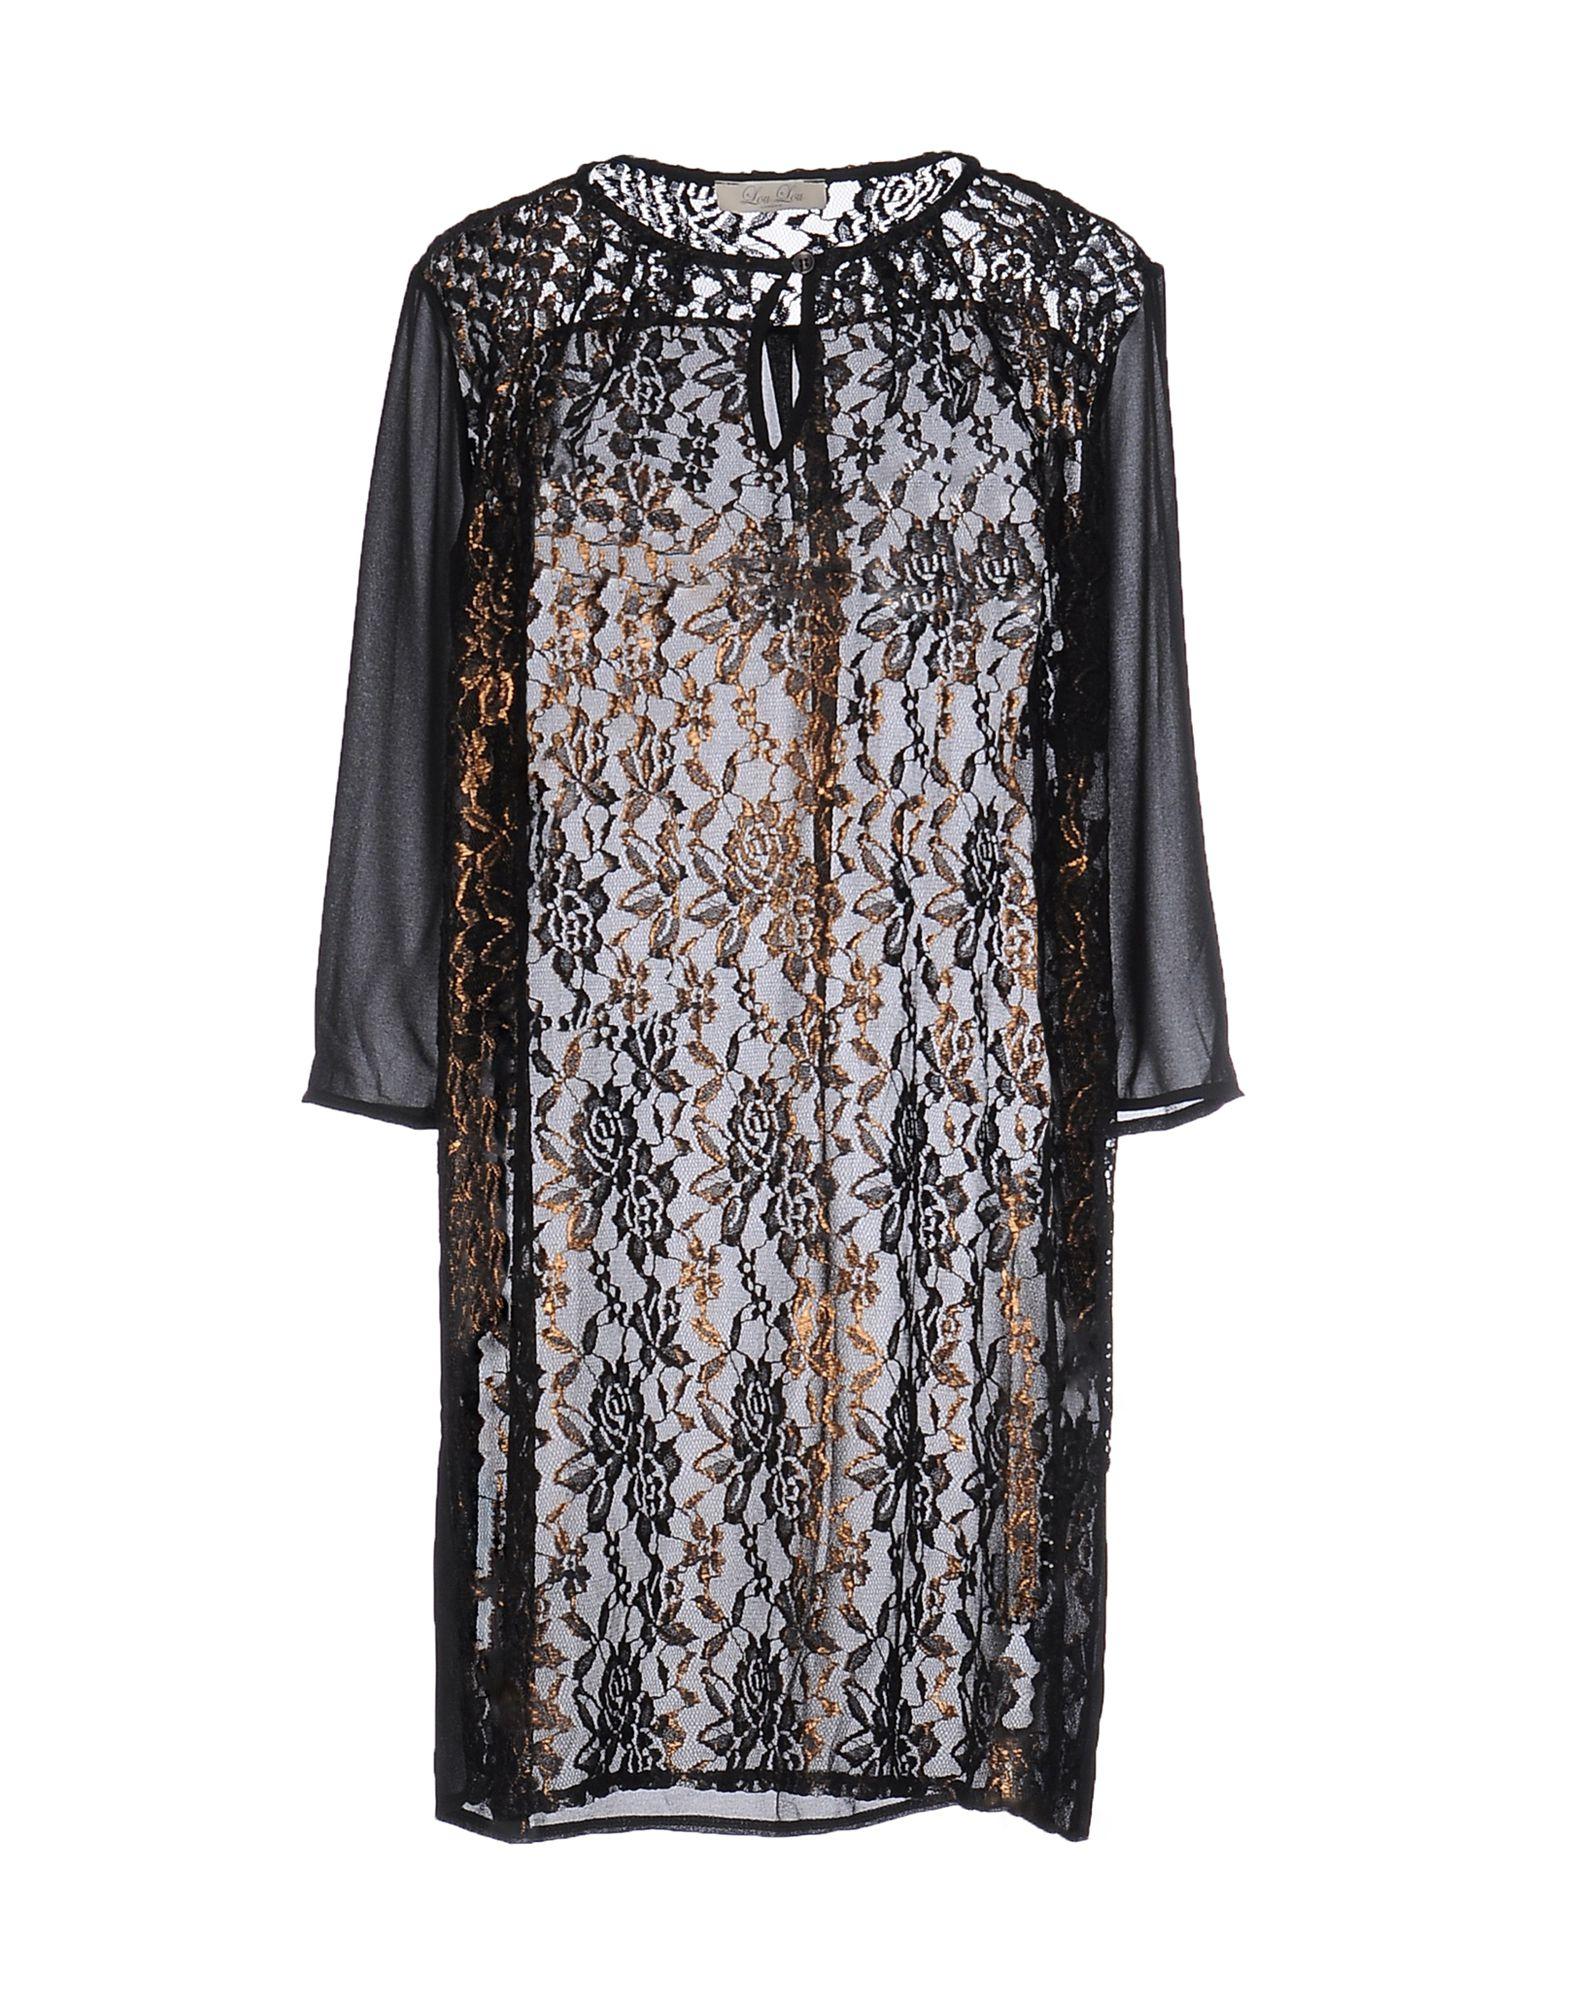 LOU LOU LONDON Короткое платье lou lou платье лу лу 250708 1016 черный s